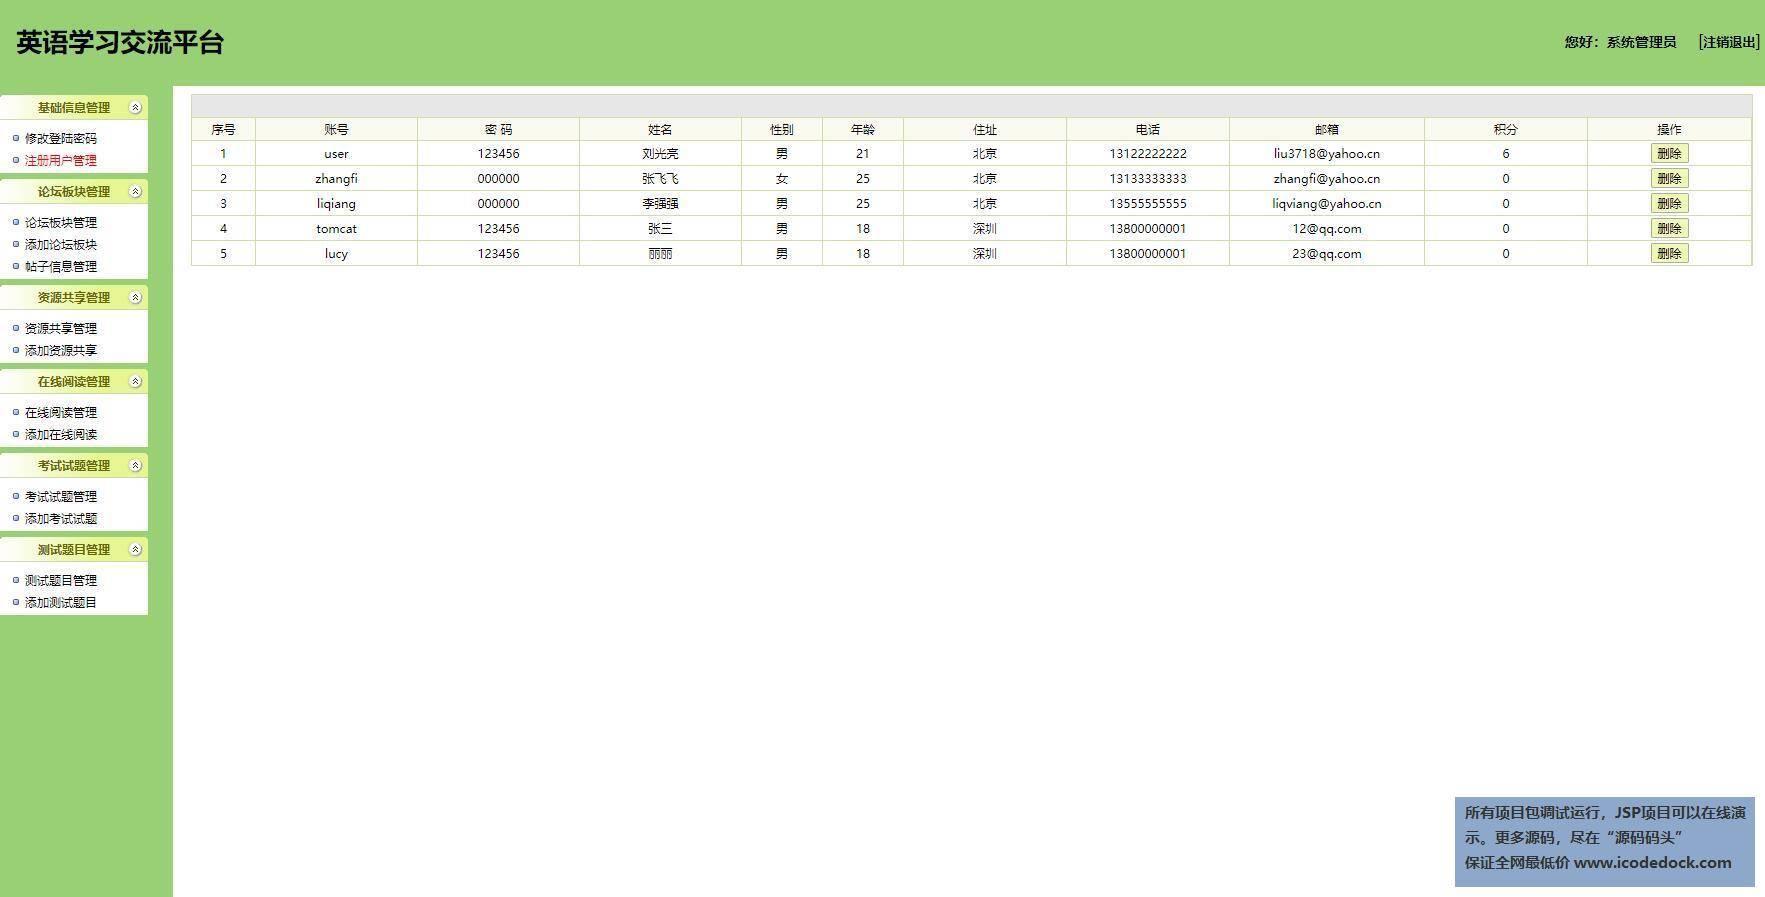 源码码头-SSH在校英语教学交流网站-管理员角色-用户注册管理